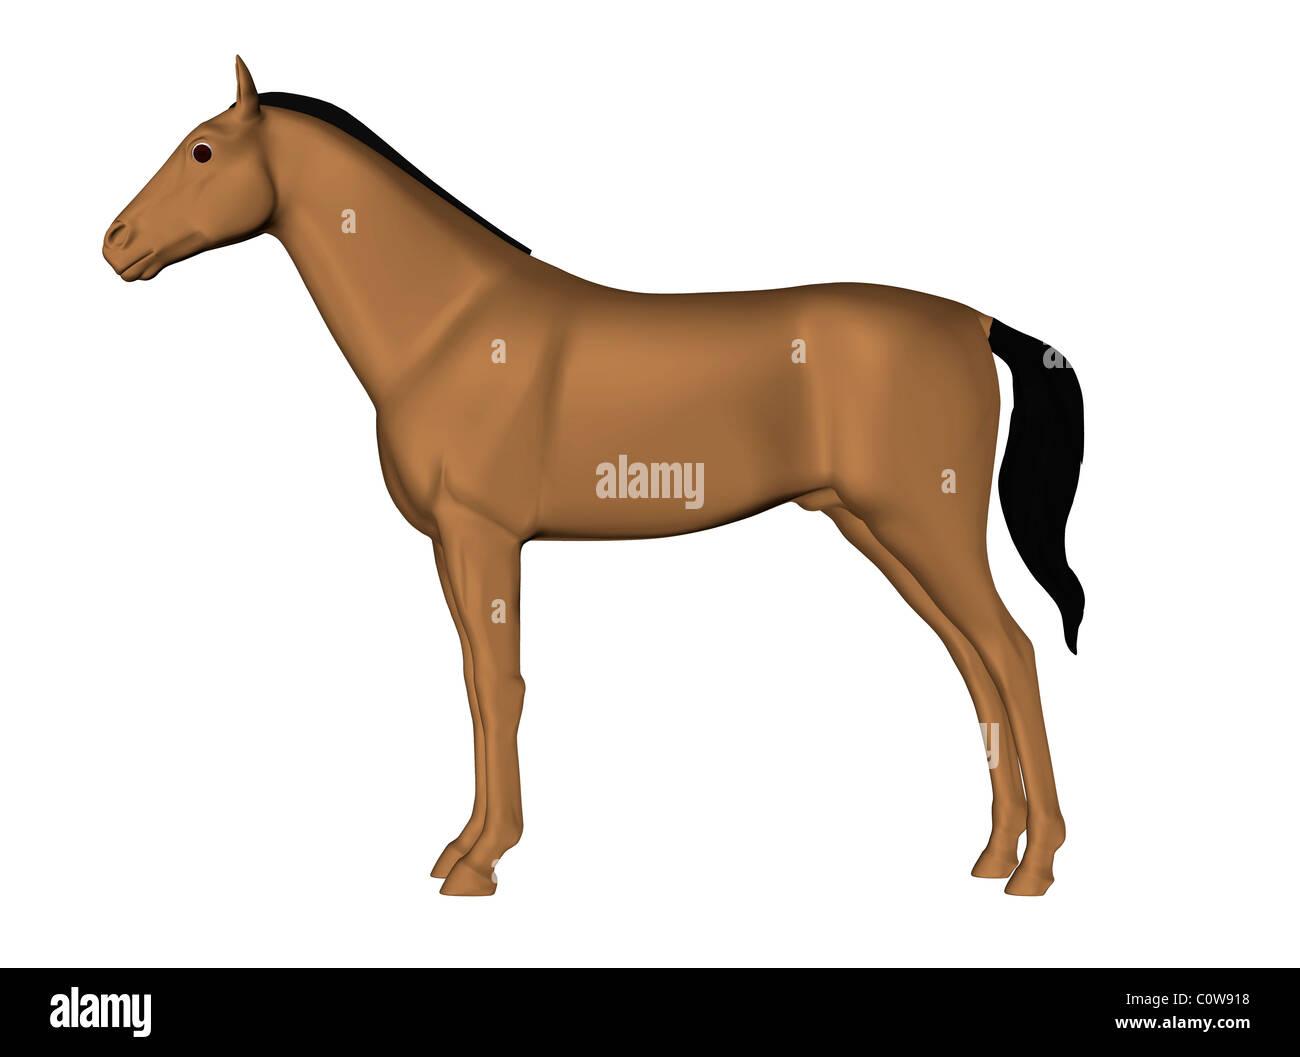 Pferd Anatomie Haut Stockfoto, Bild: 34976628 - Alamy